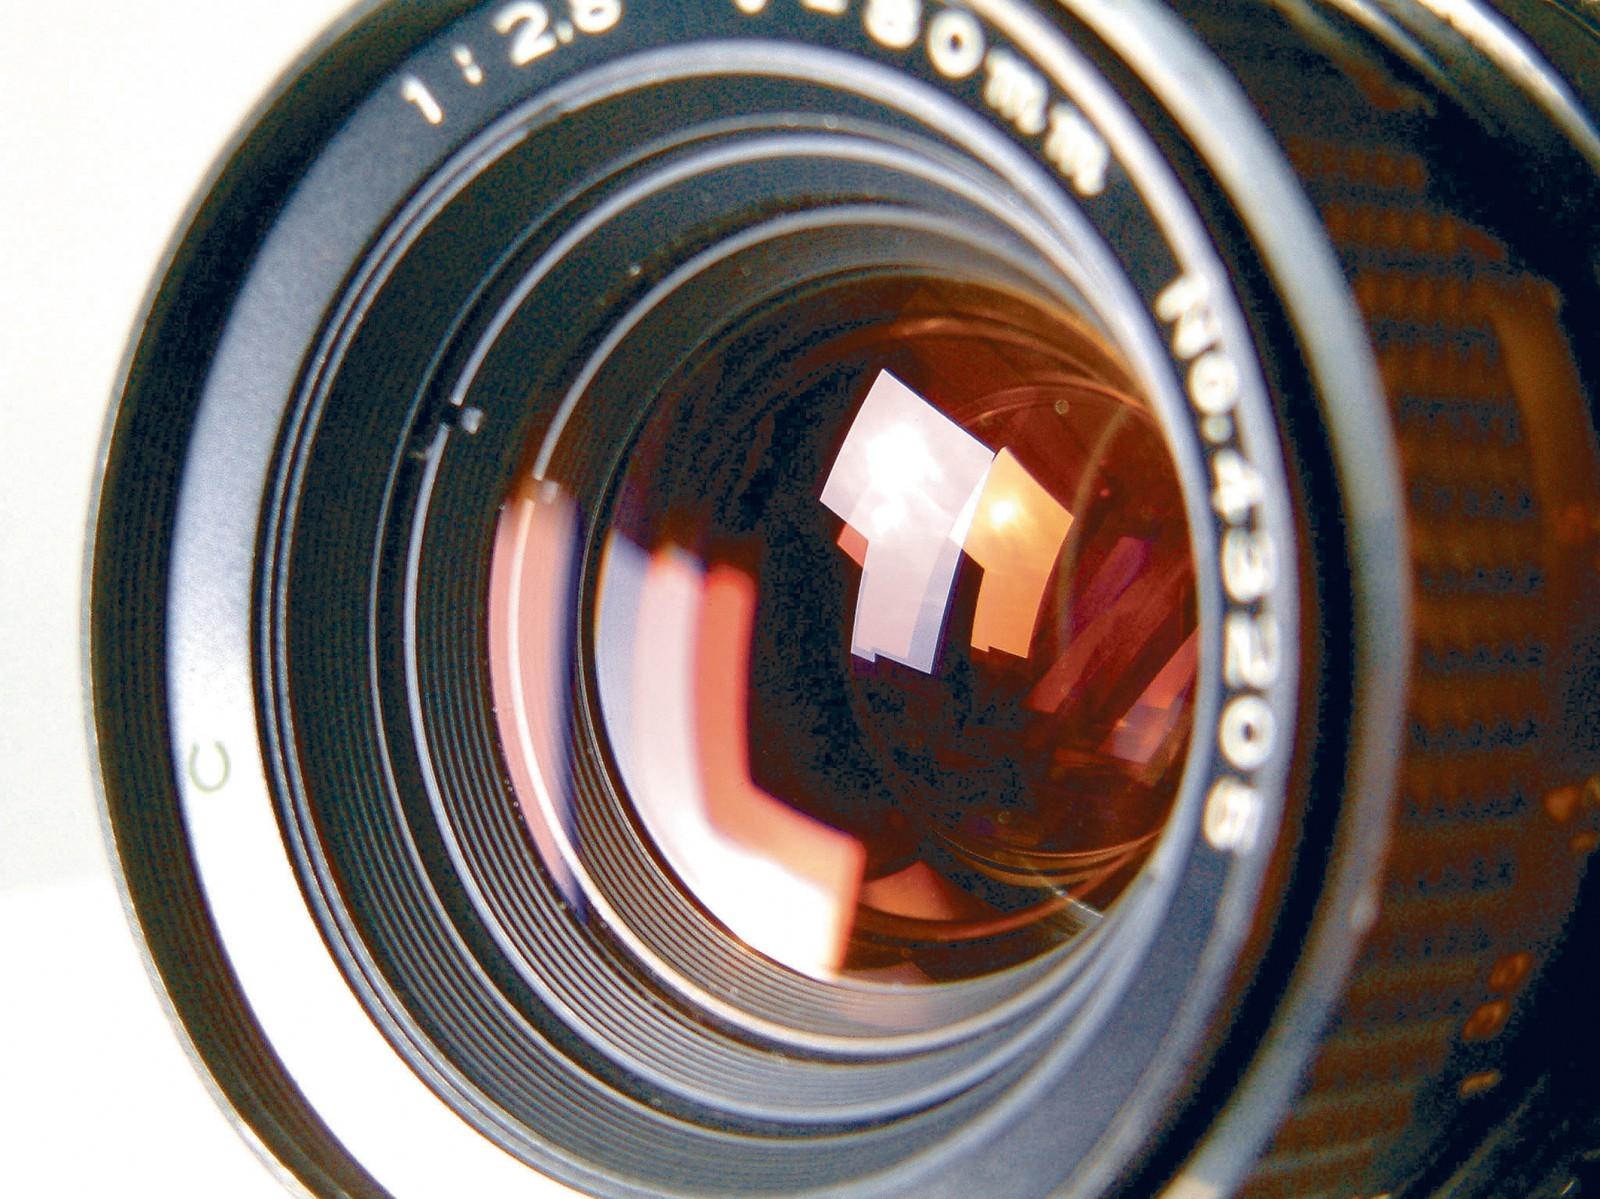 Фото с украденных фотоаппаратов и ноутбуков 21 фотография